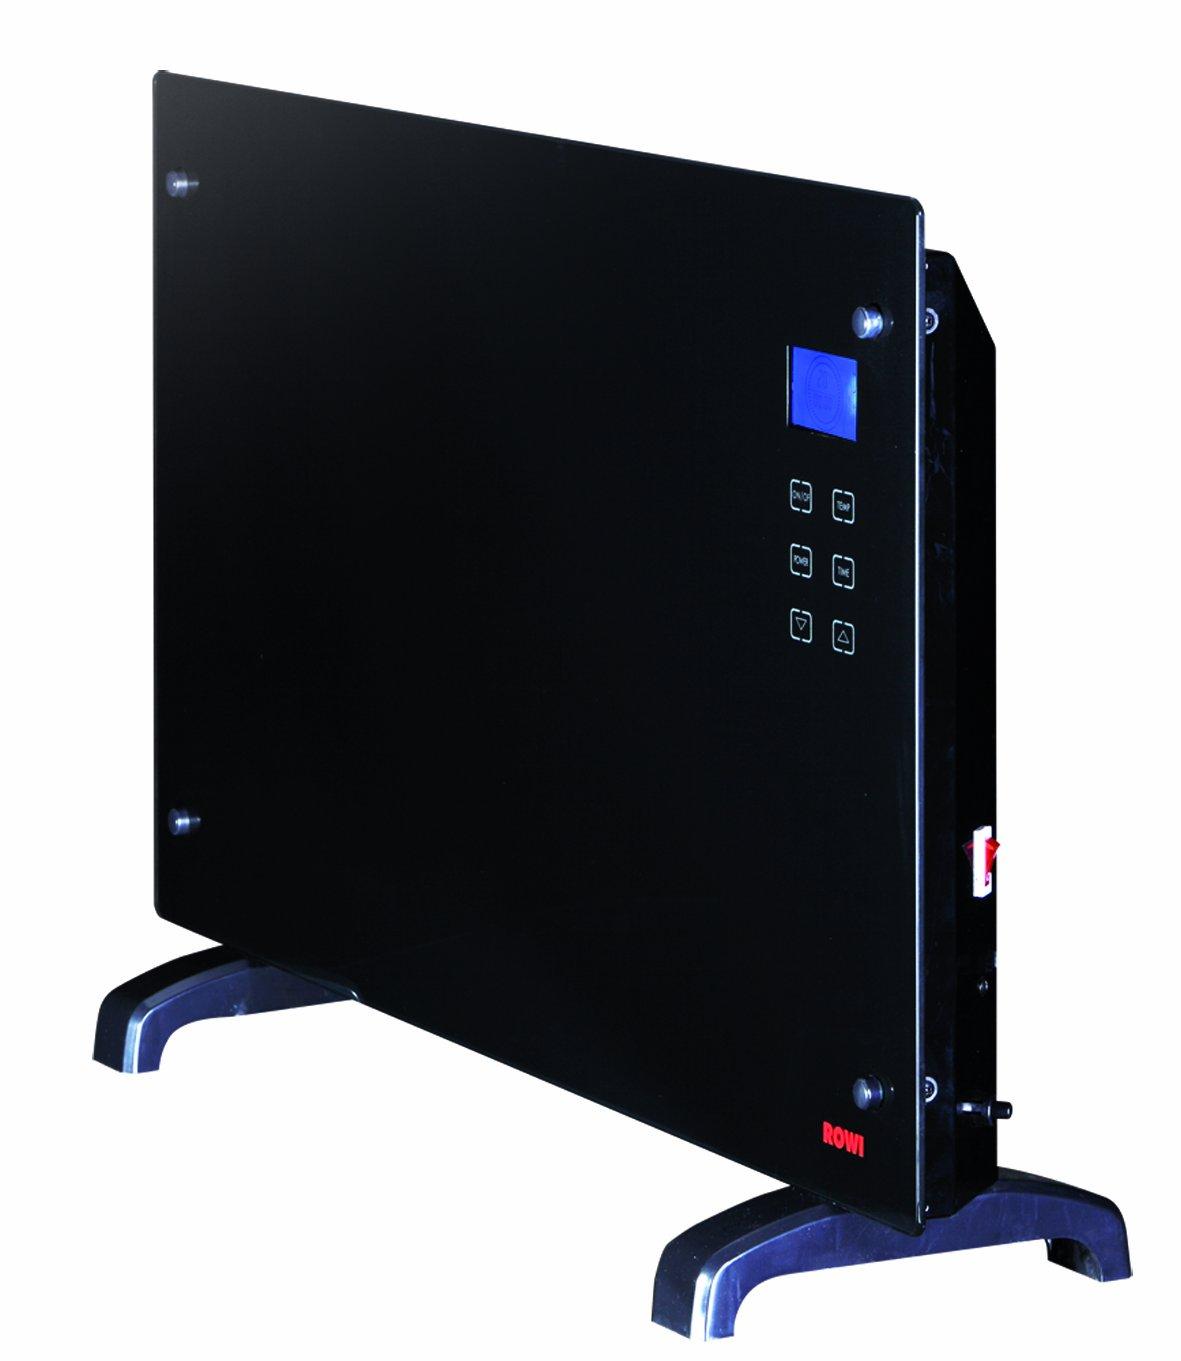 Rowi Glaswärmekonvektor 2000 W, Thermostat, LCDisplay, Fernbedienung, HGK 2000/2/1 TDF Premium 1 03 03 0070  BaumarktKundenbewertung und Beschreibung